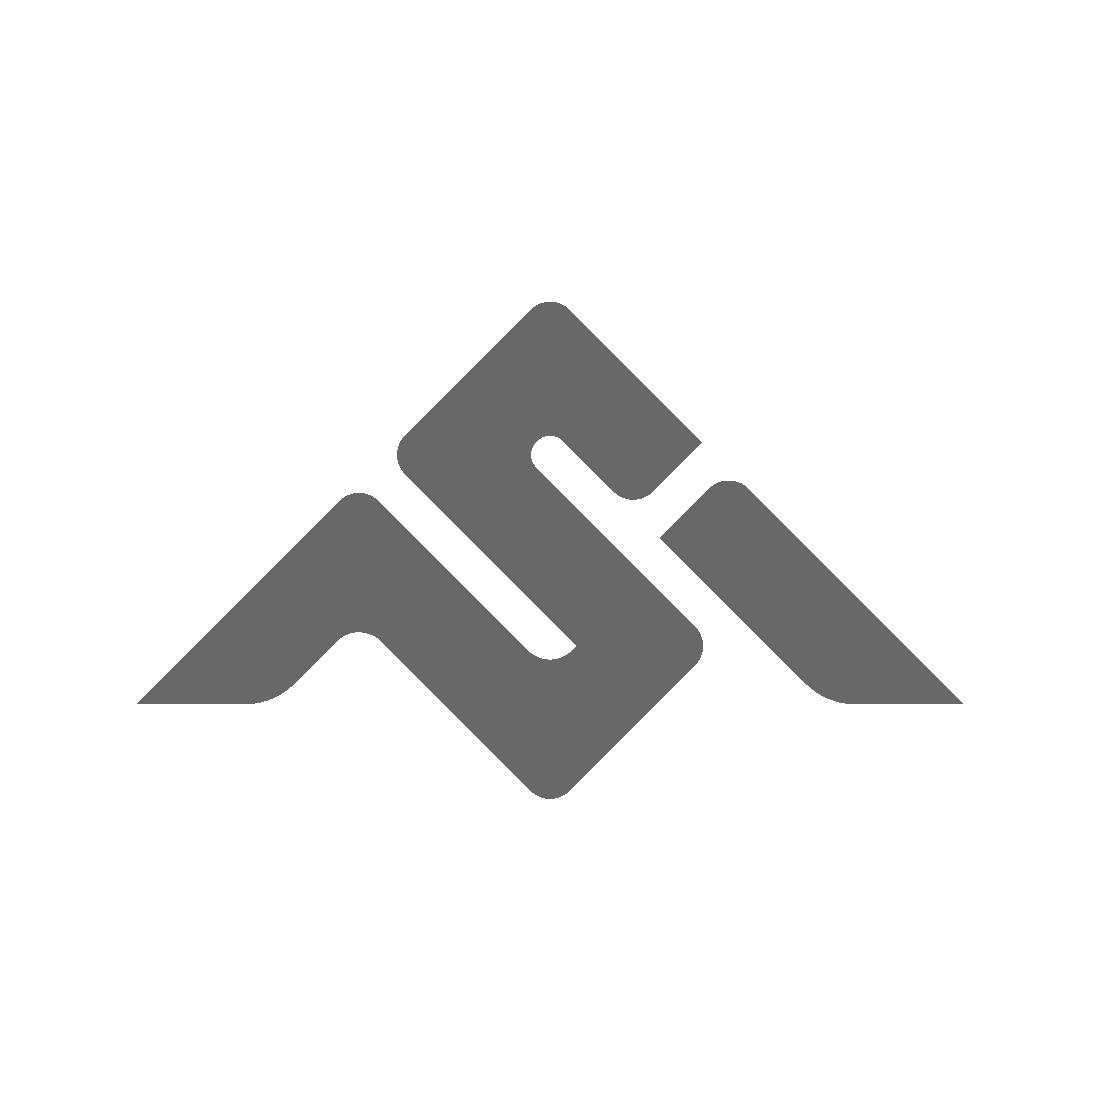 nouvelle arrivee 84404 bec33 Volcom Snowboard Veste Fille So Minty - Noir Floral Print